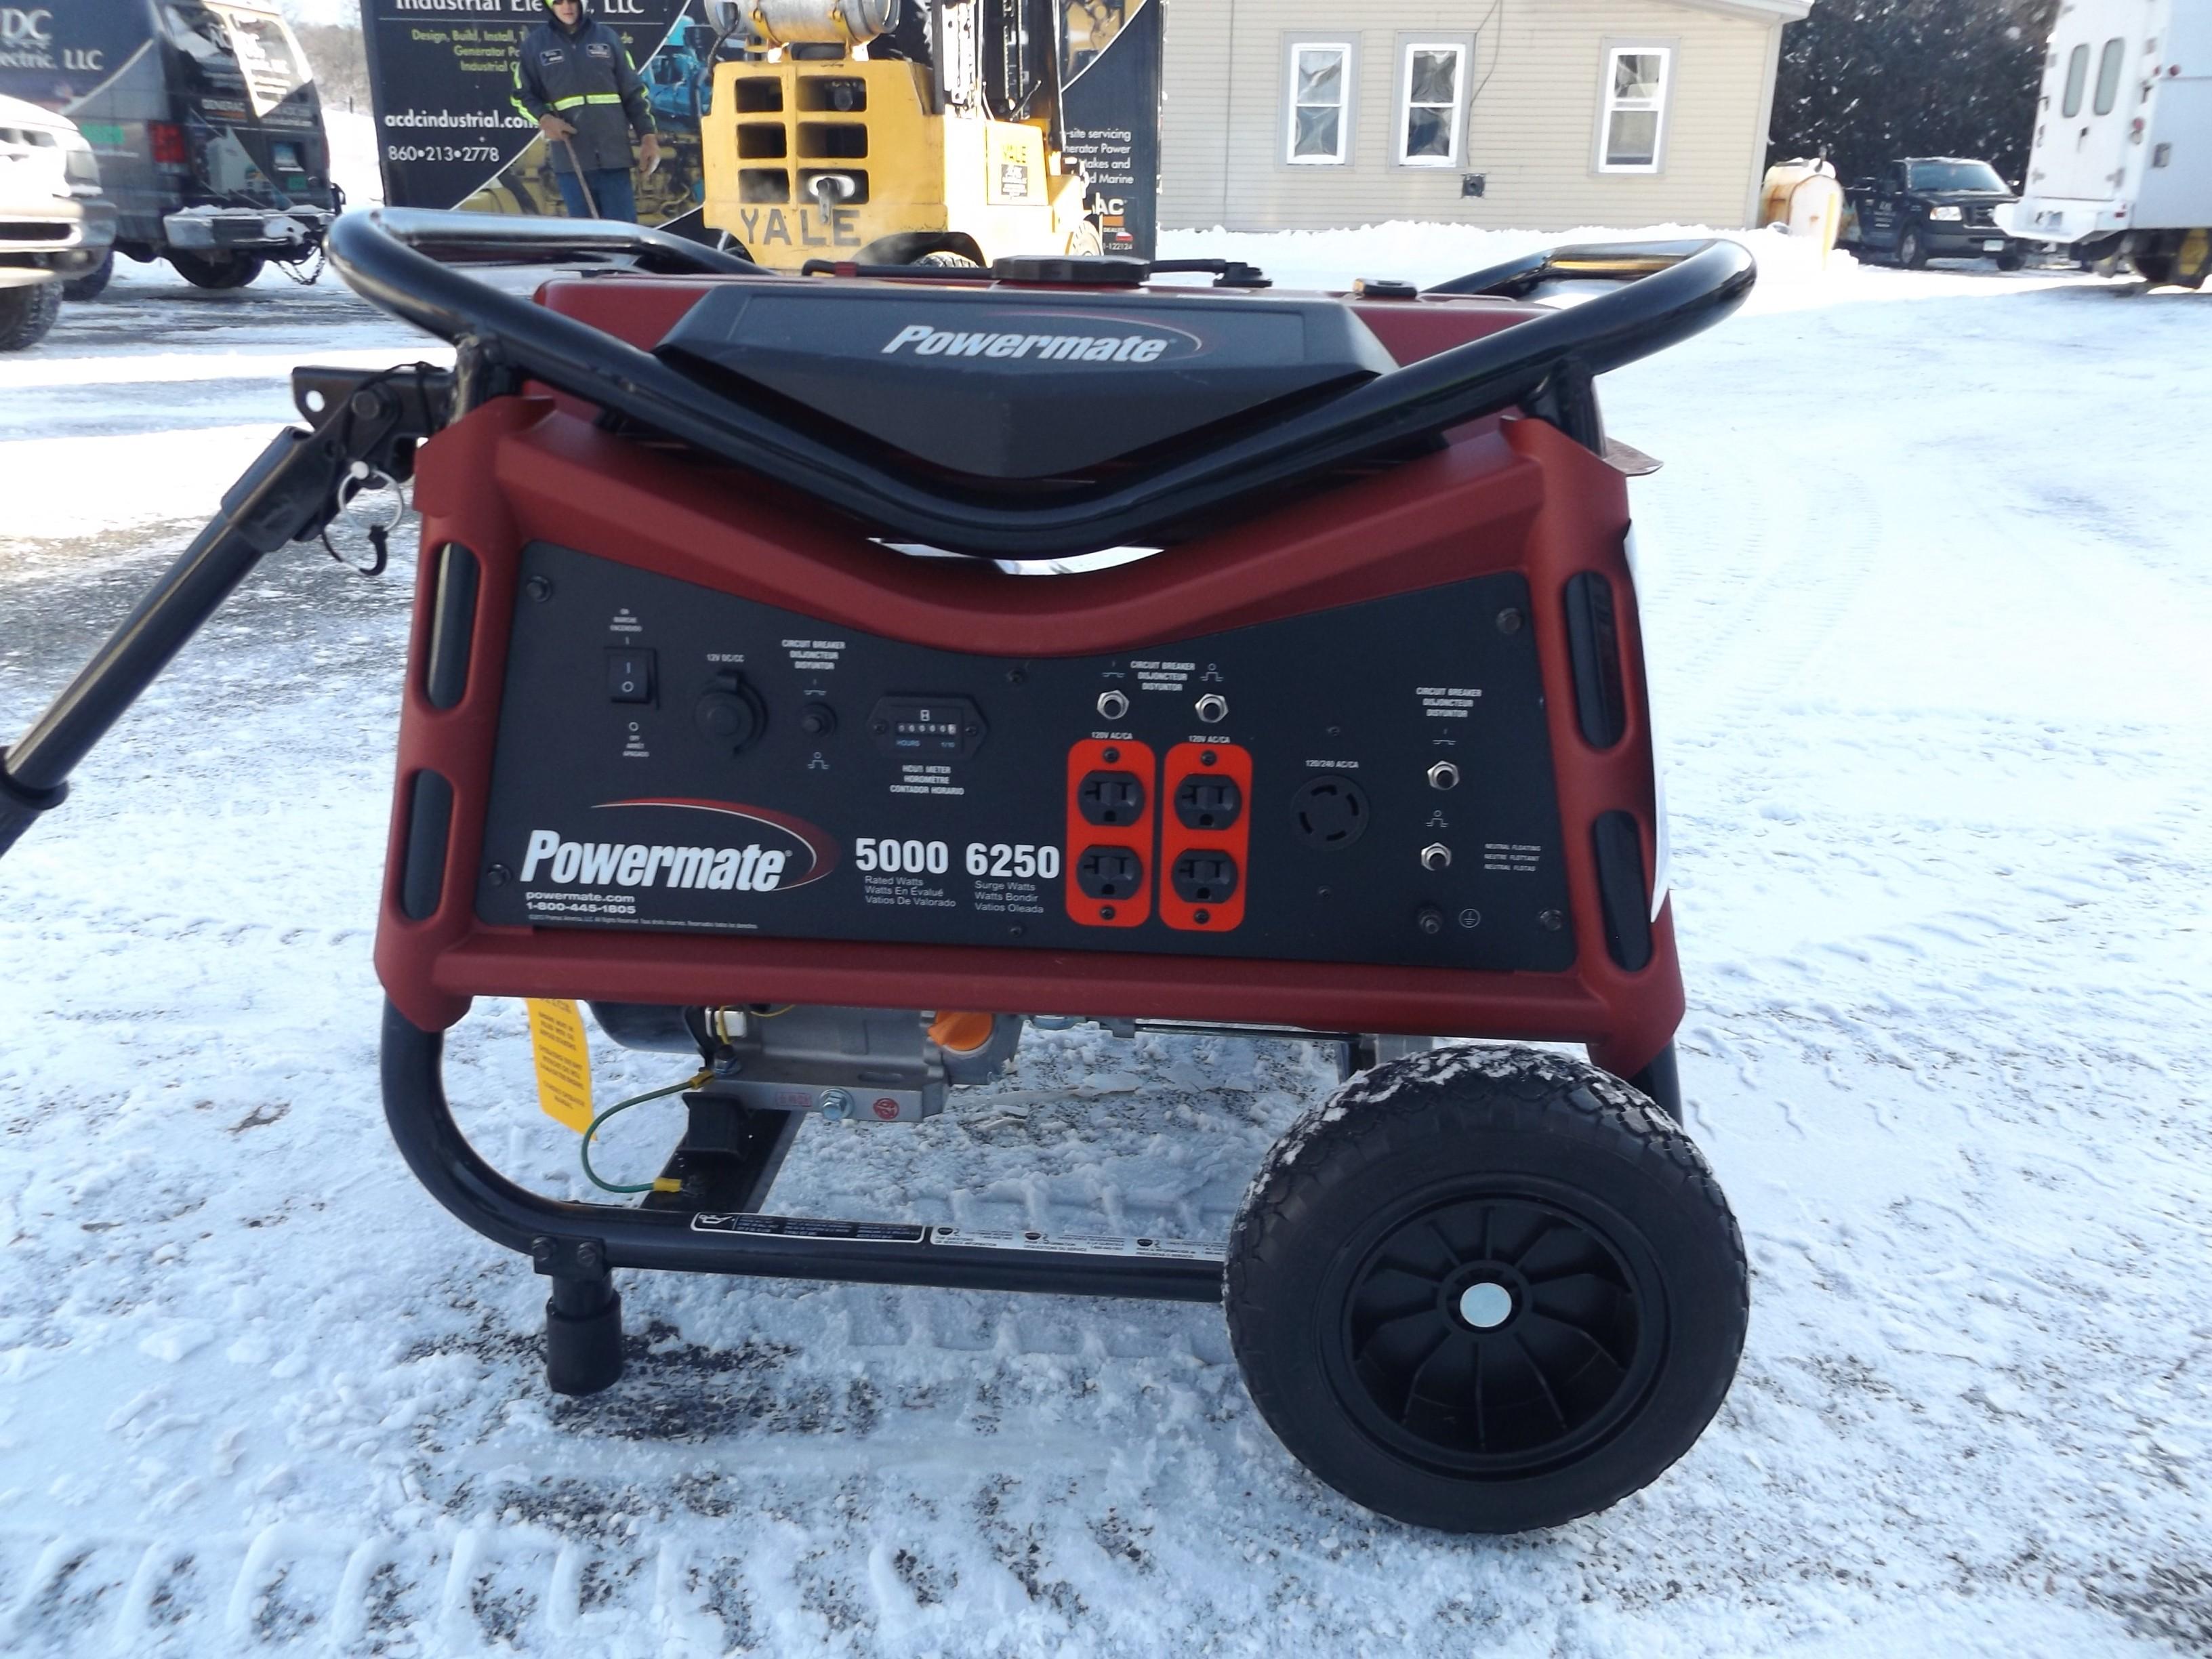 Powermate 5000 Portable